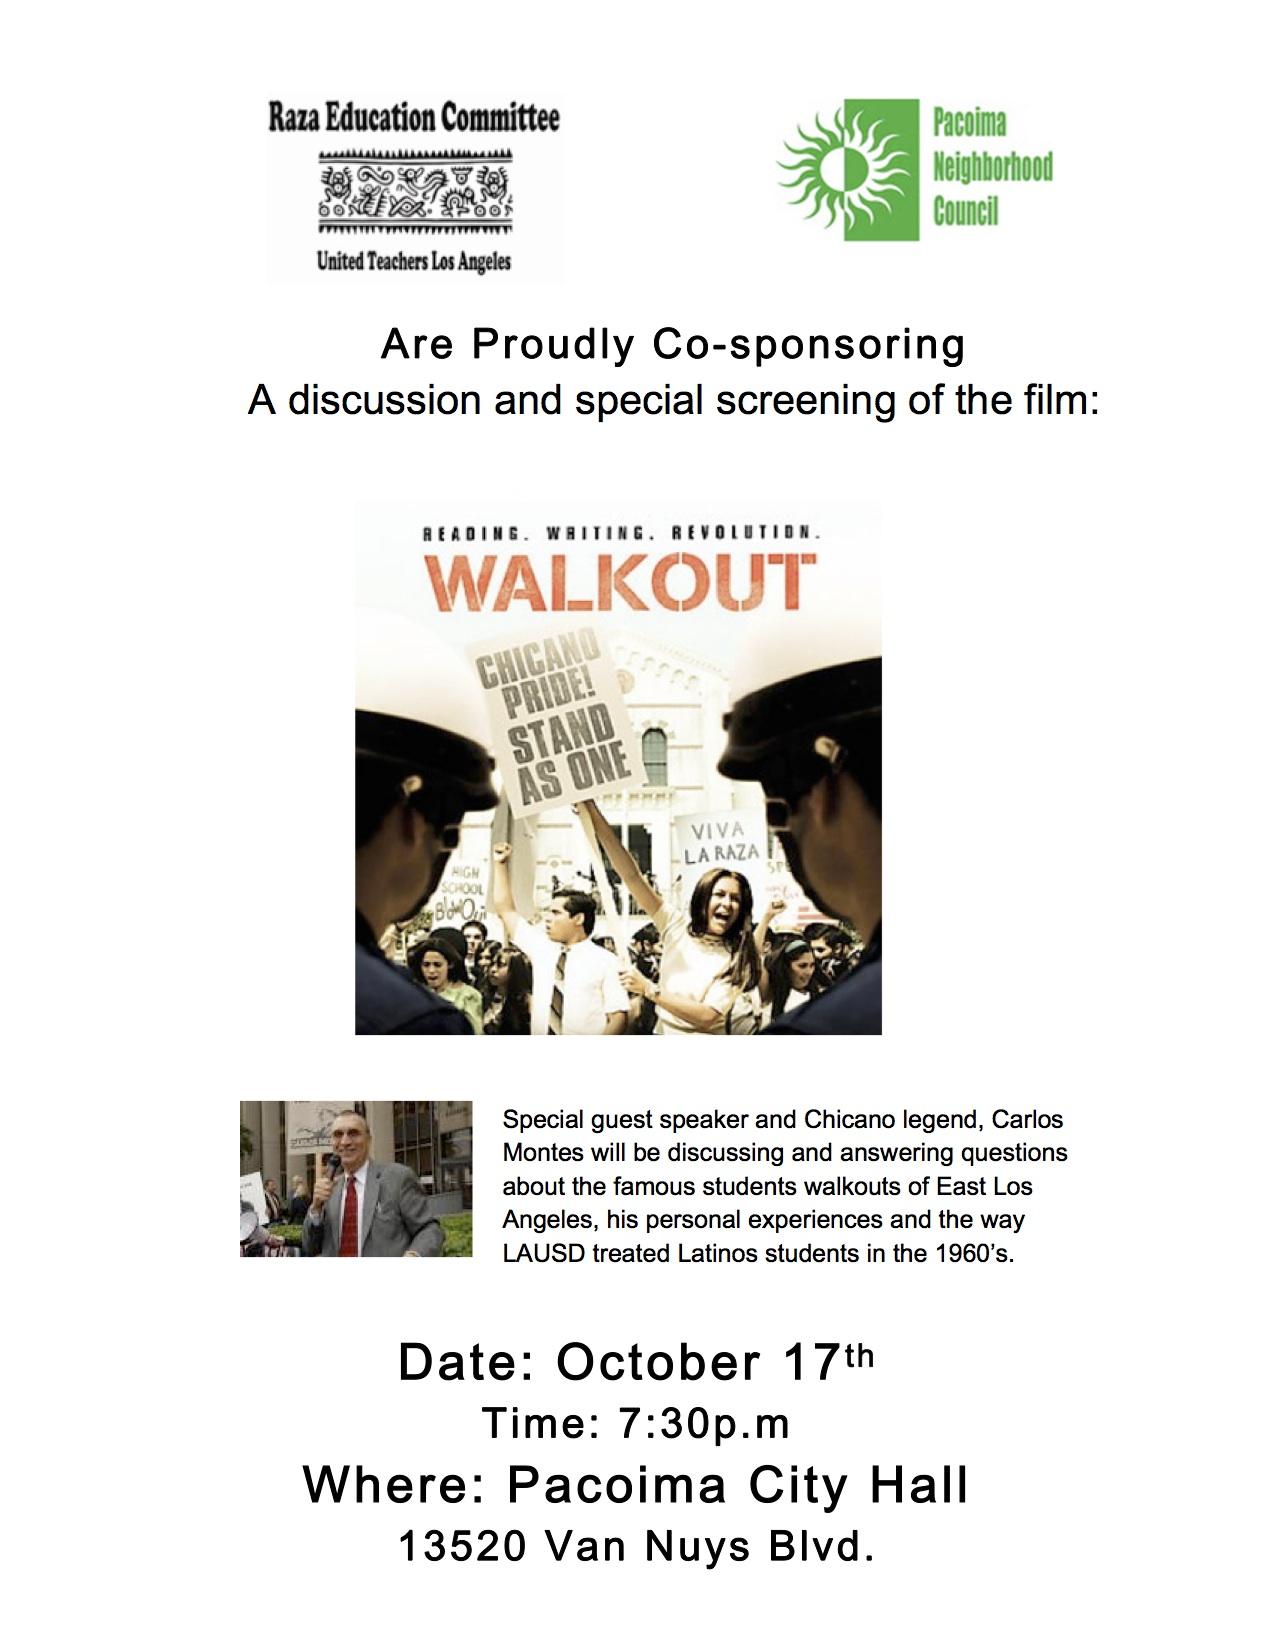 walkouts_movie_flyer_.jpg